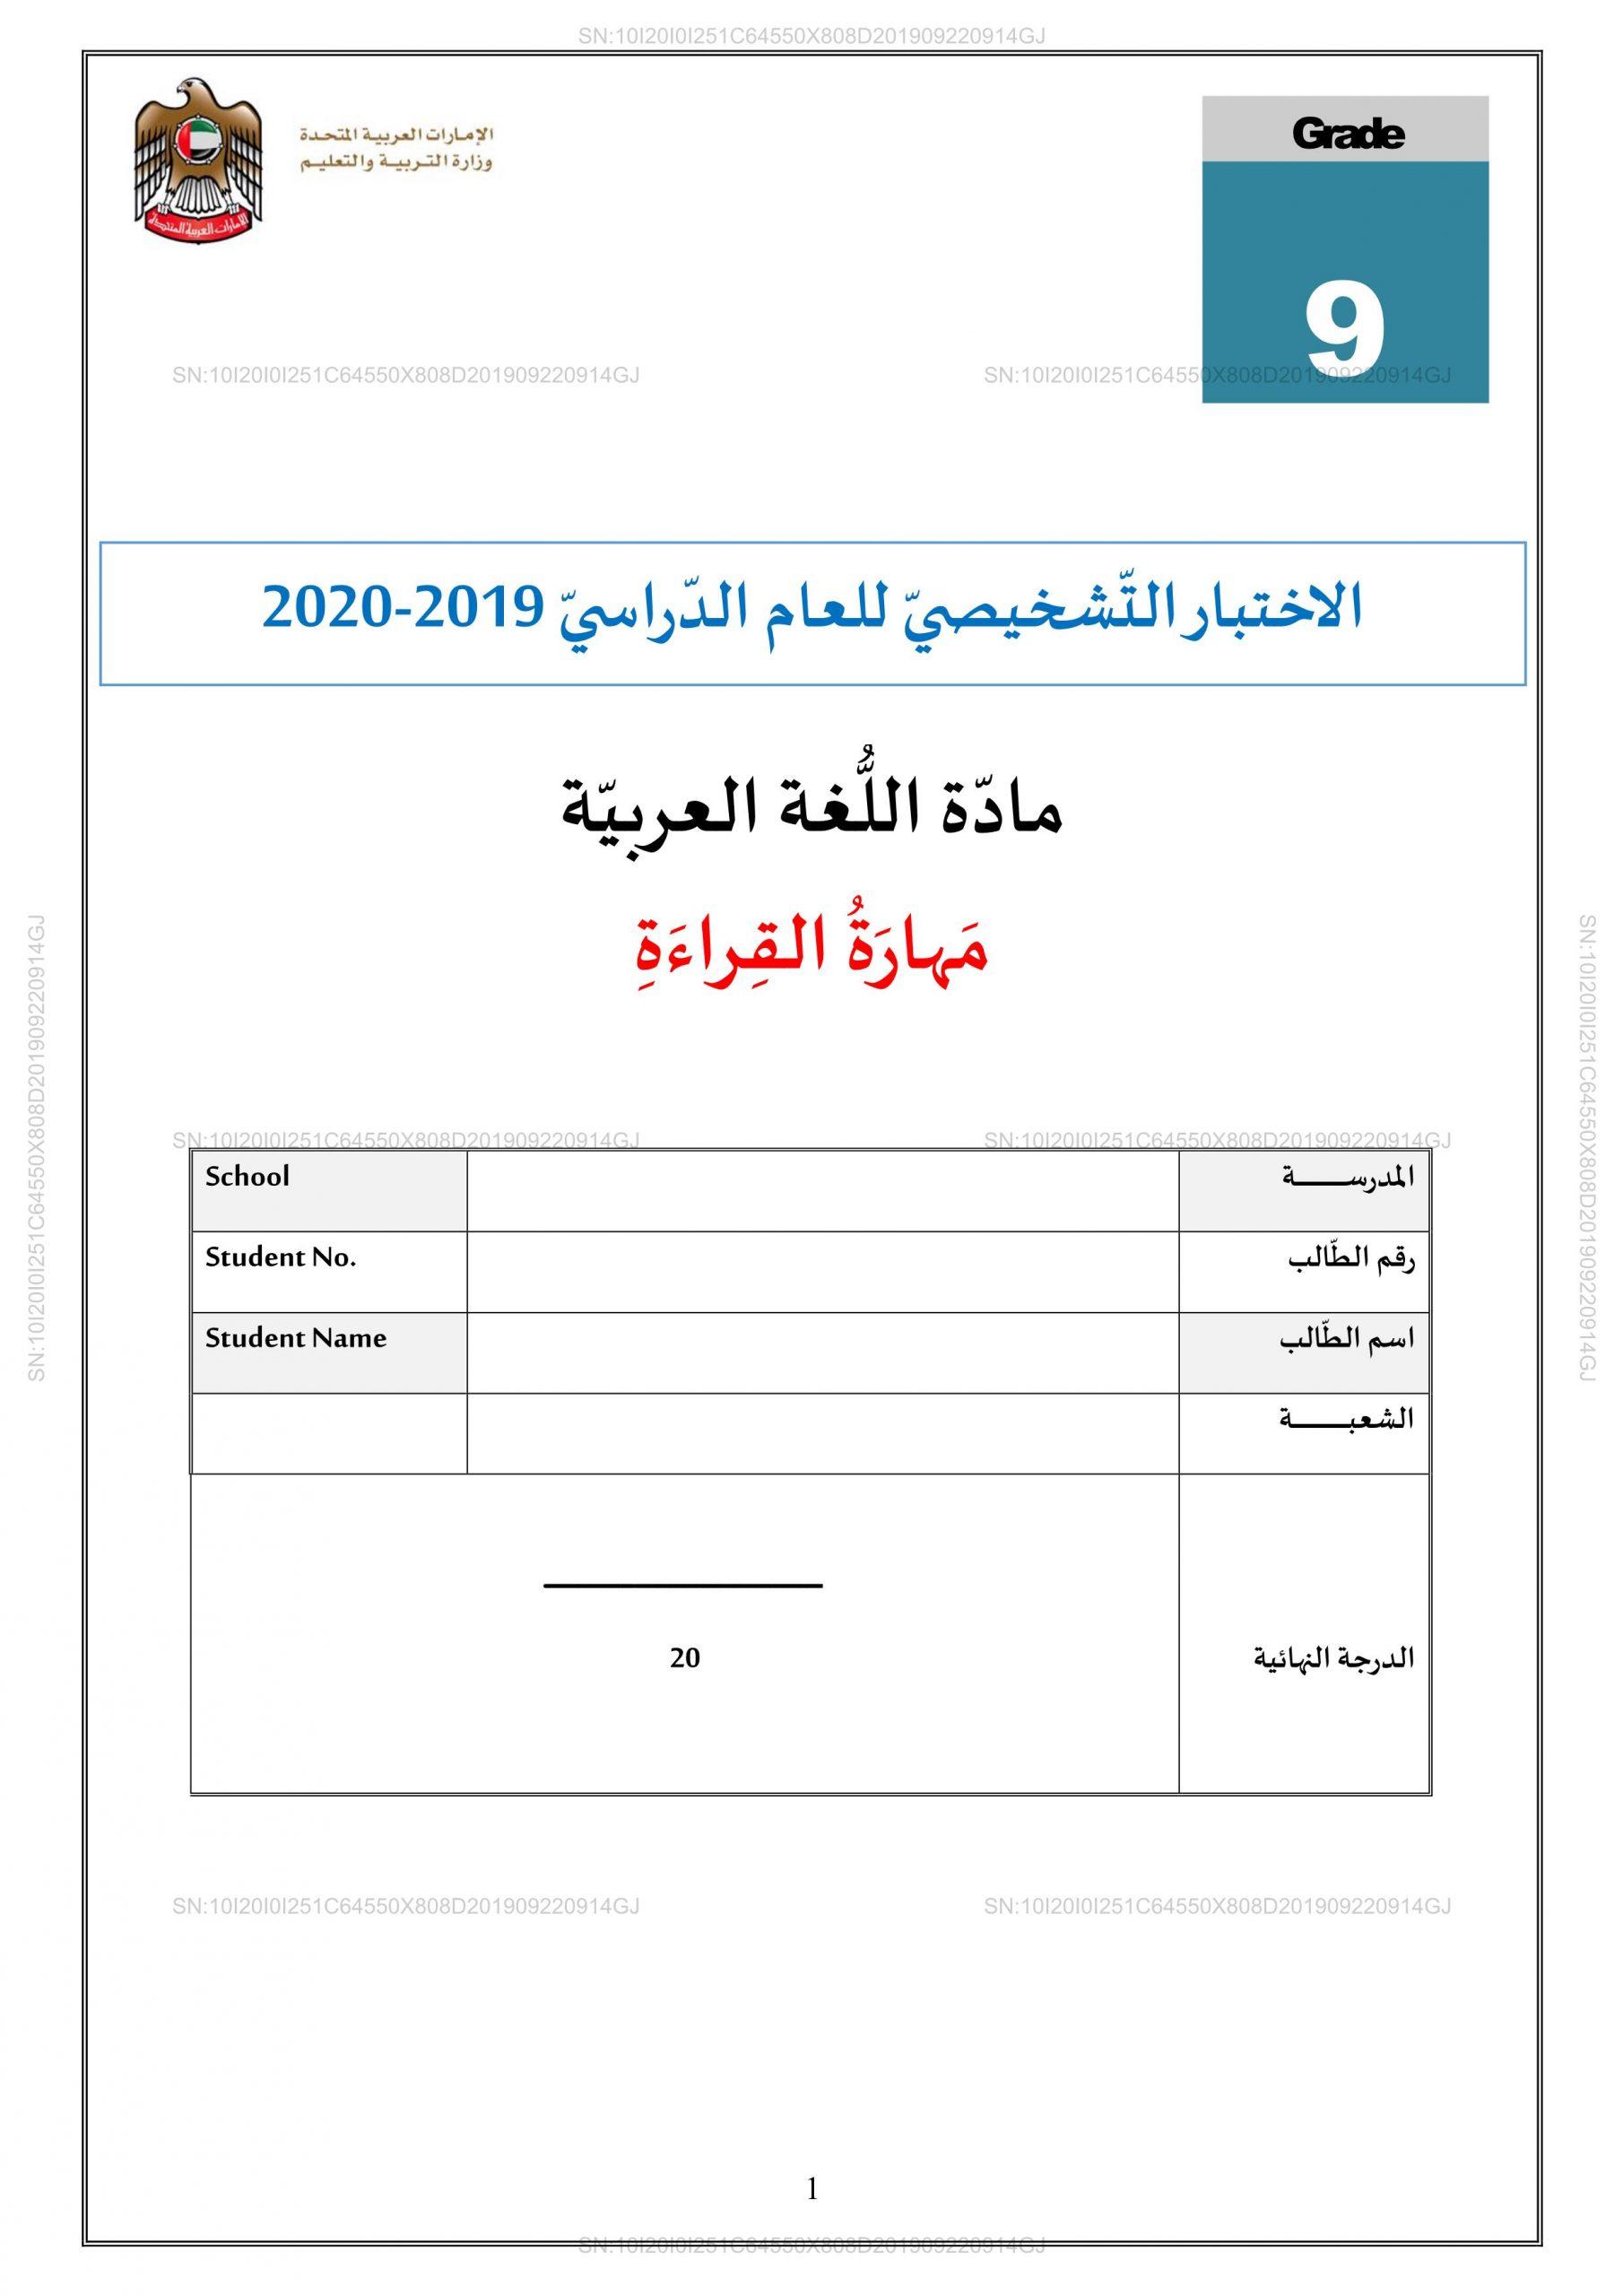 الاختبار التشخيصي مهارة القراءة للصف التاسع مادة اللغة العربية